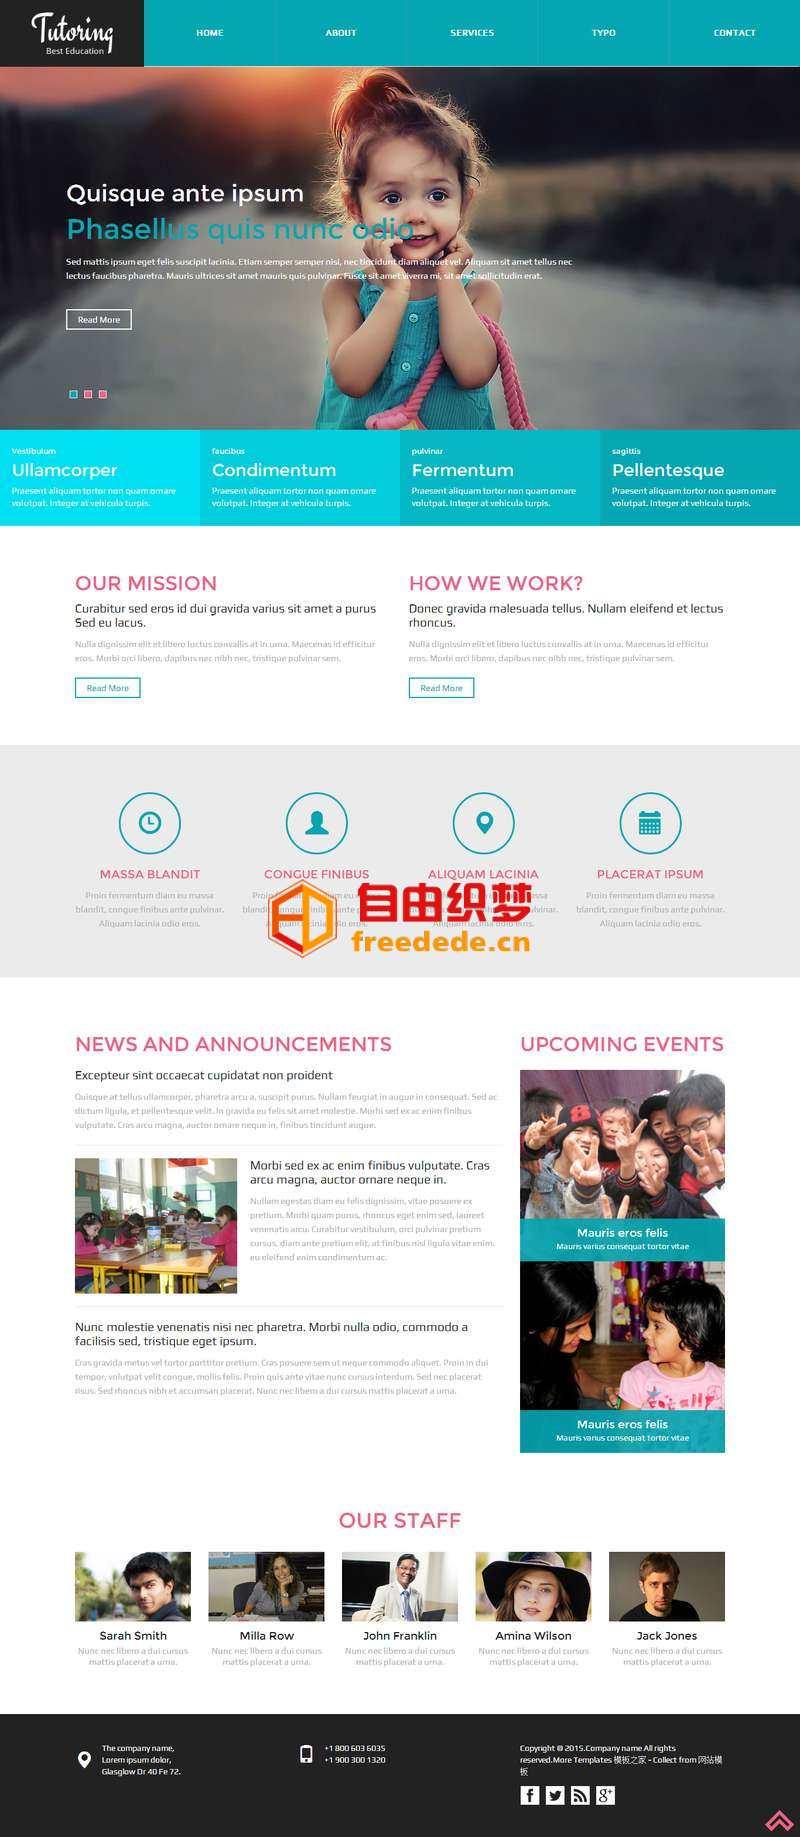 爱上源码网文章蓝色宽屏的小学生教育机构网站模板下载的内容插图